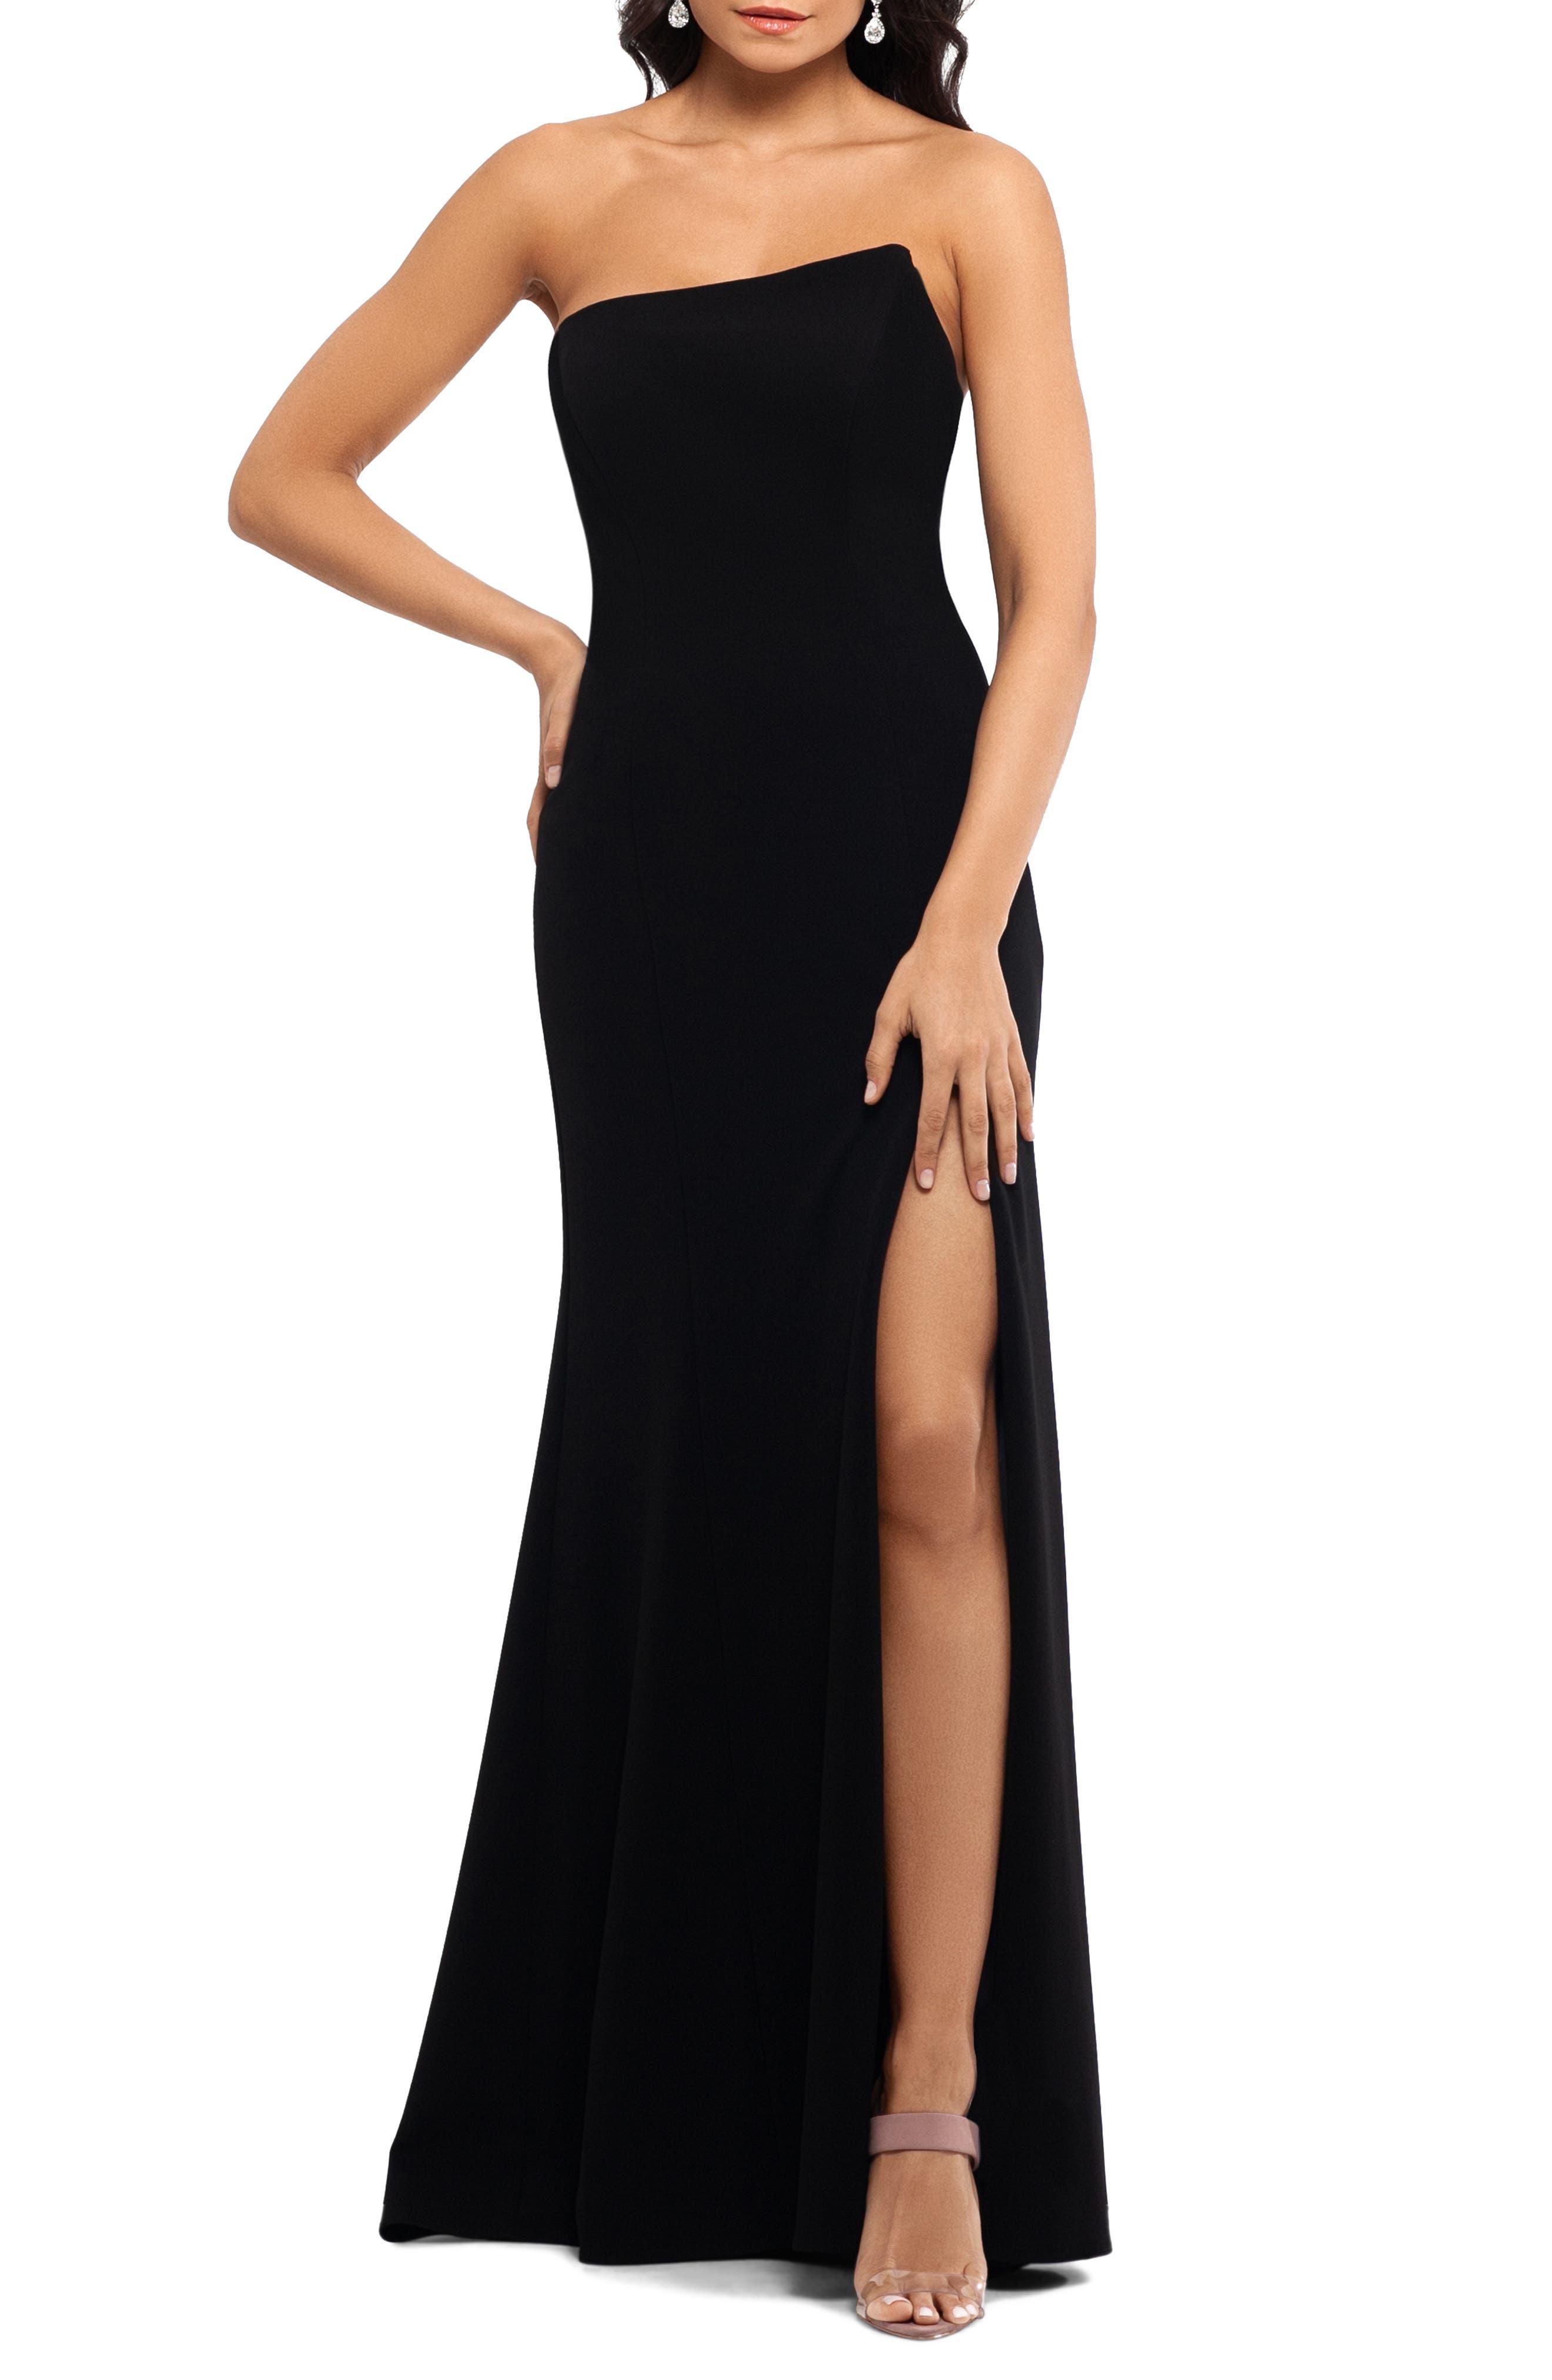 Xscape Strapless Scuba Crepe Mermaid Gown, Black